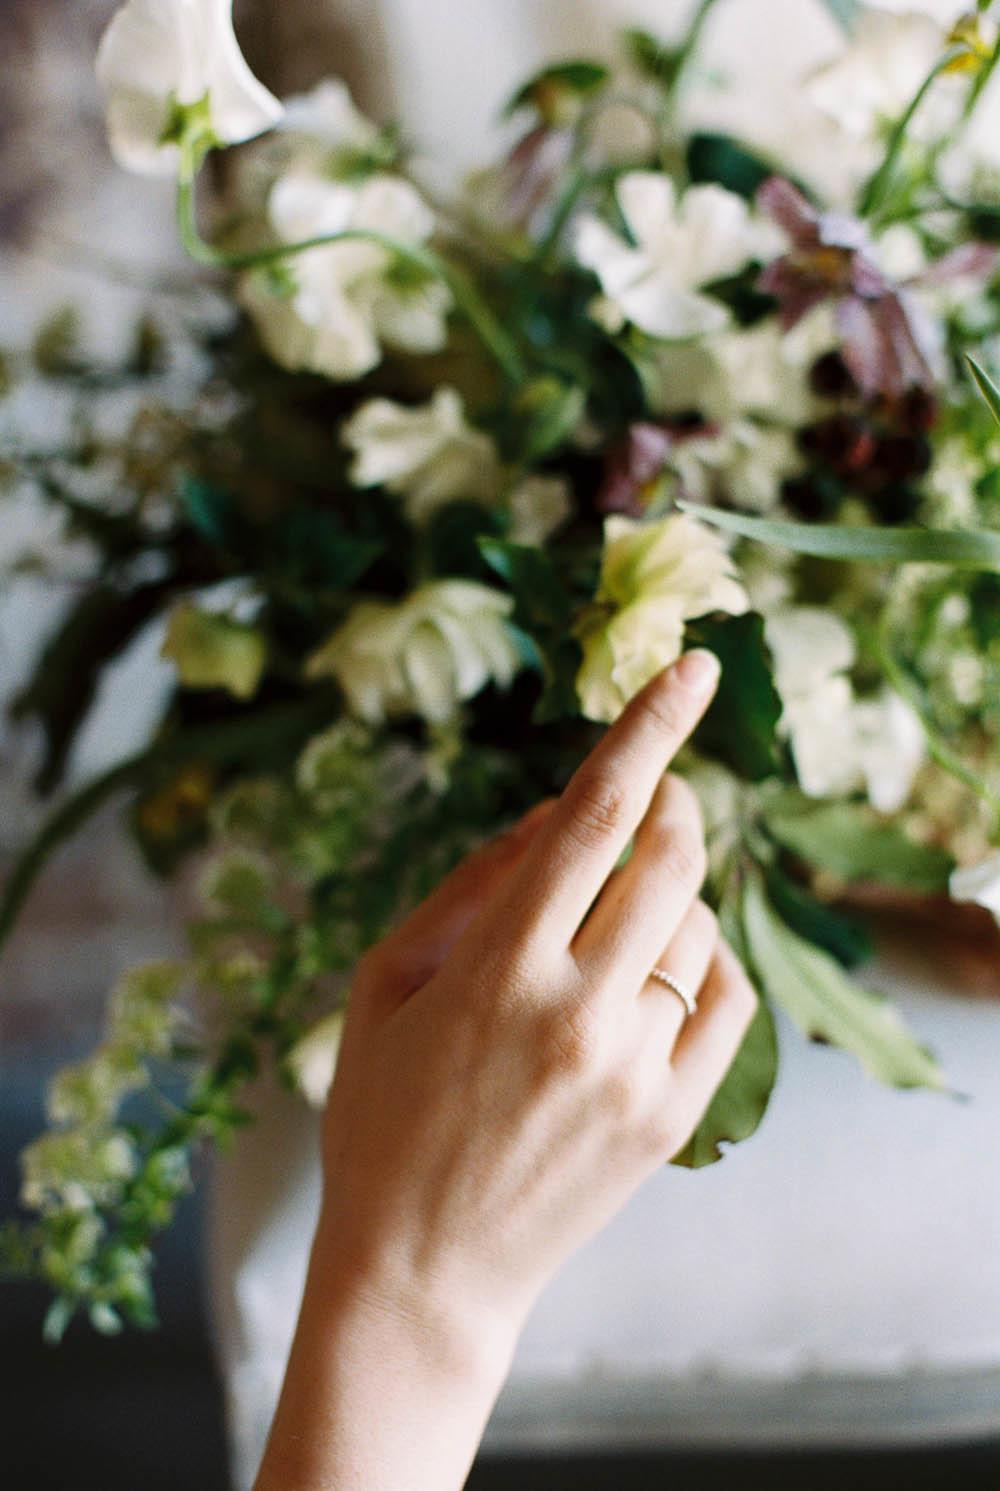 WEB_nashville_rainy_day_engagement_session_WEB_ginny_au_workshop_alabama_wedding_photojournalist_2015abigailbobophotography0001_1000.jpg